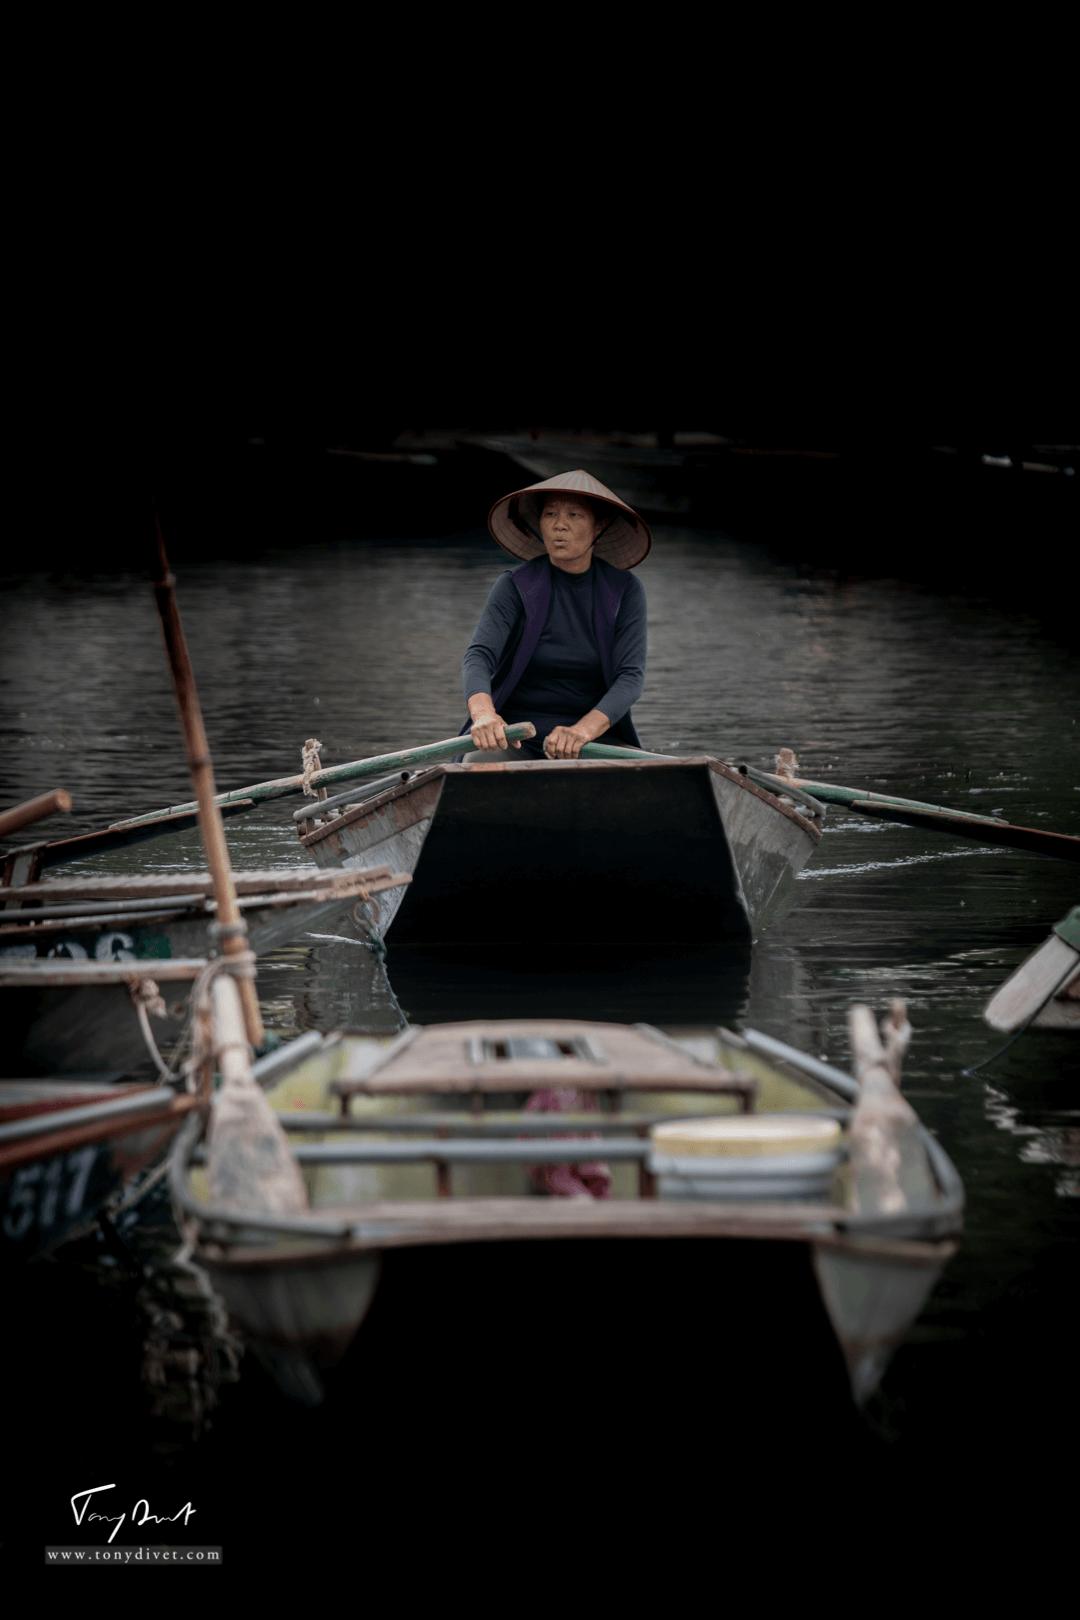 Vietnam-1728